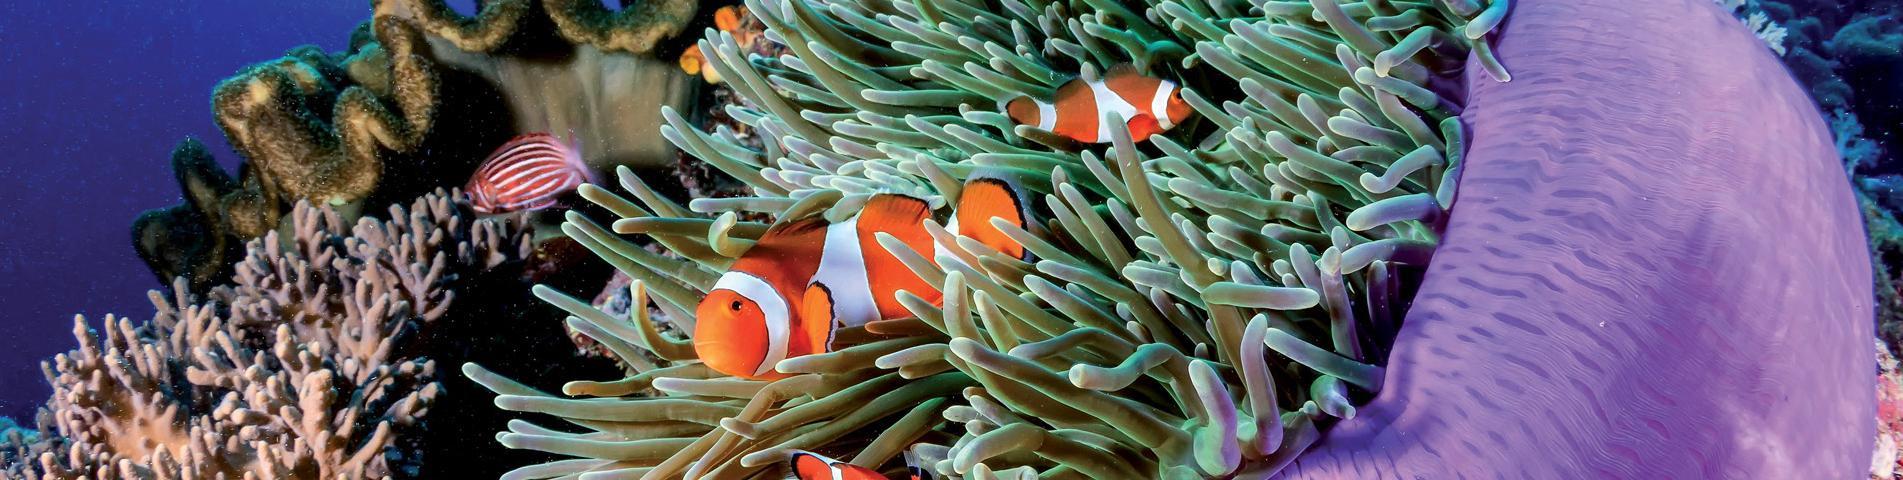 Zoutwateraquarium